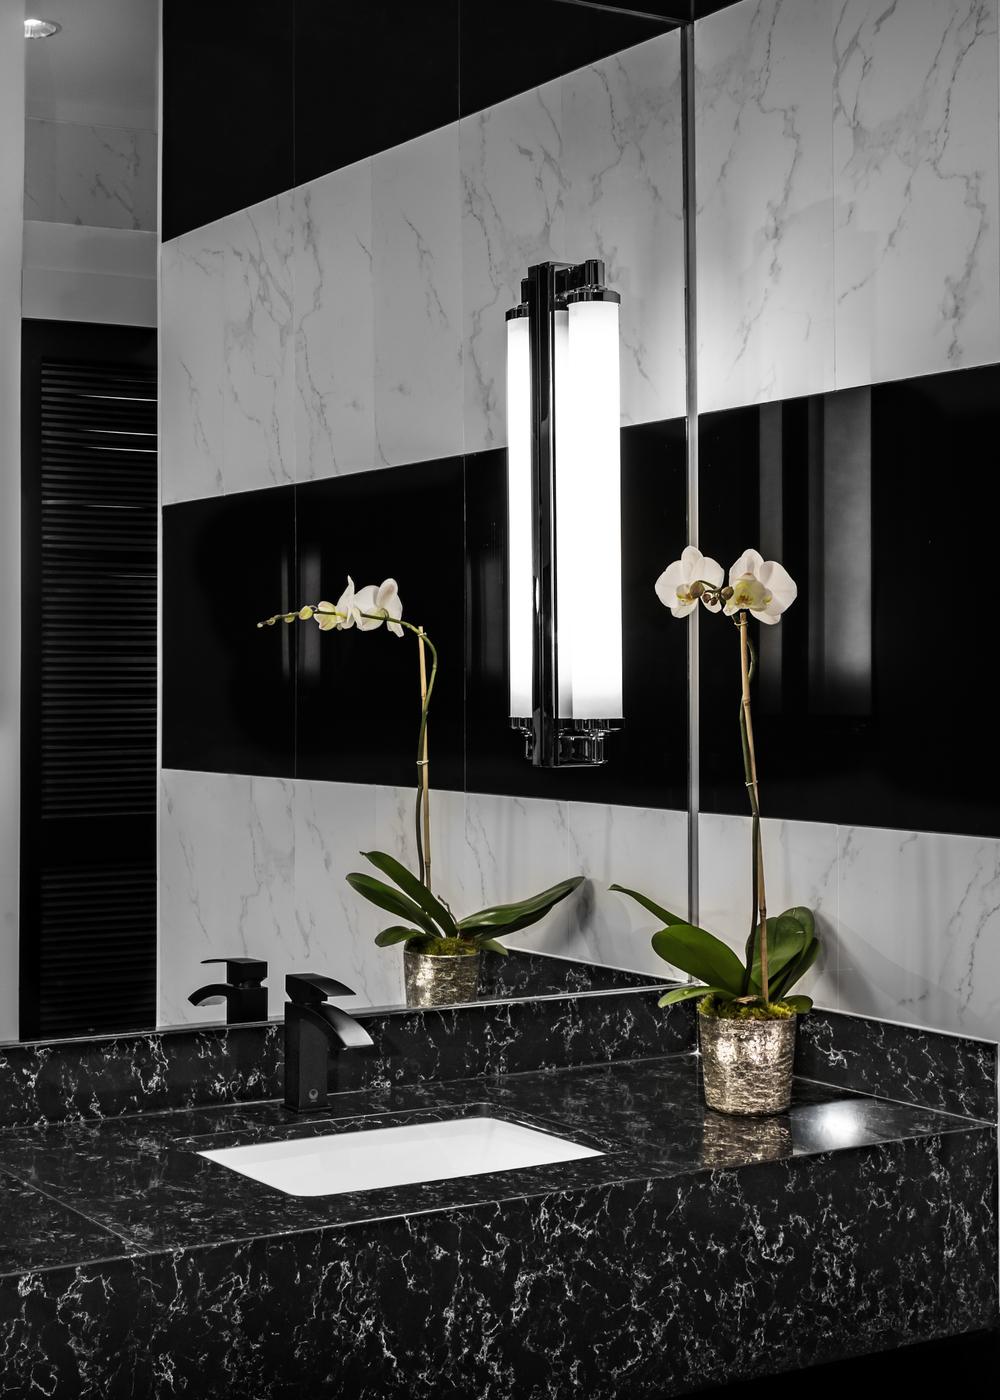 LegendaryEvents_BathroomVanity_VERT.jpg